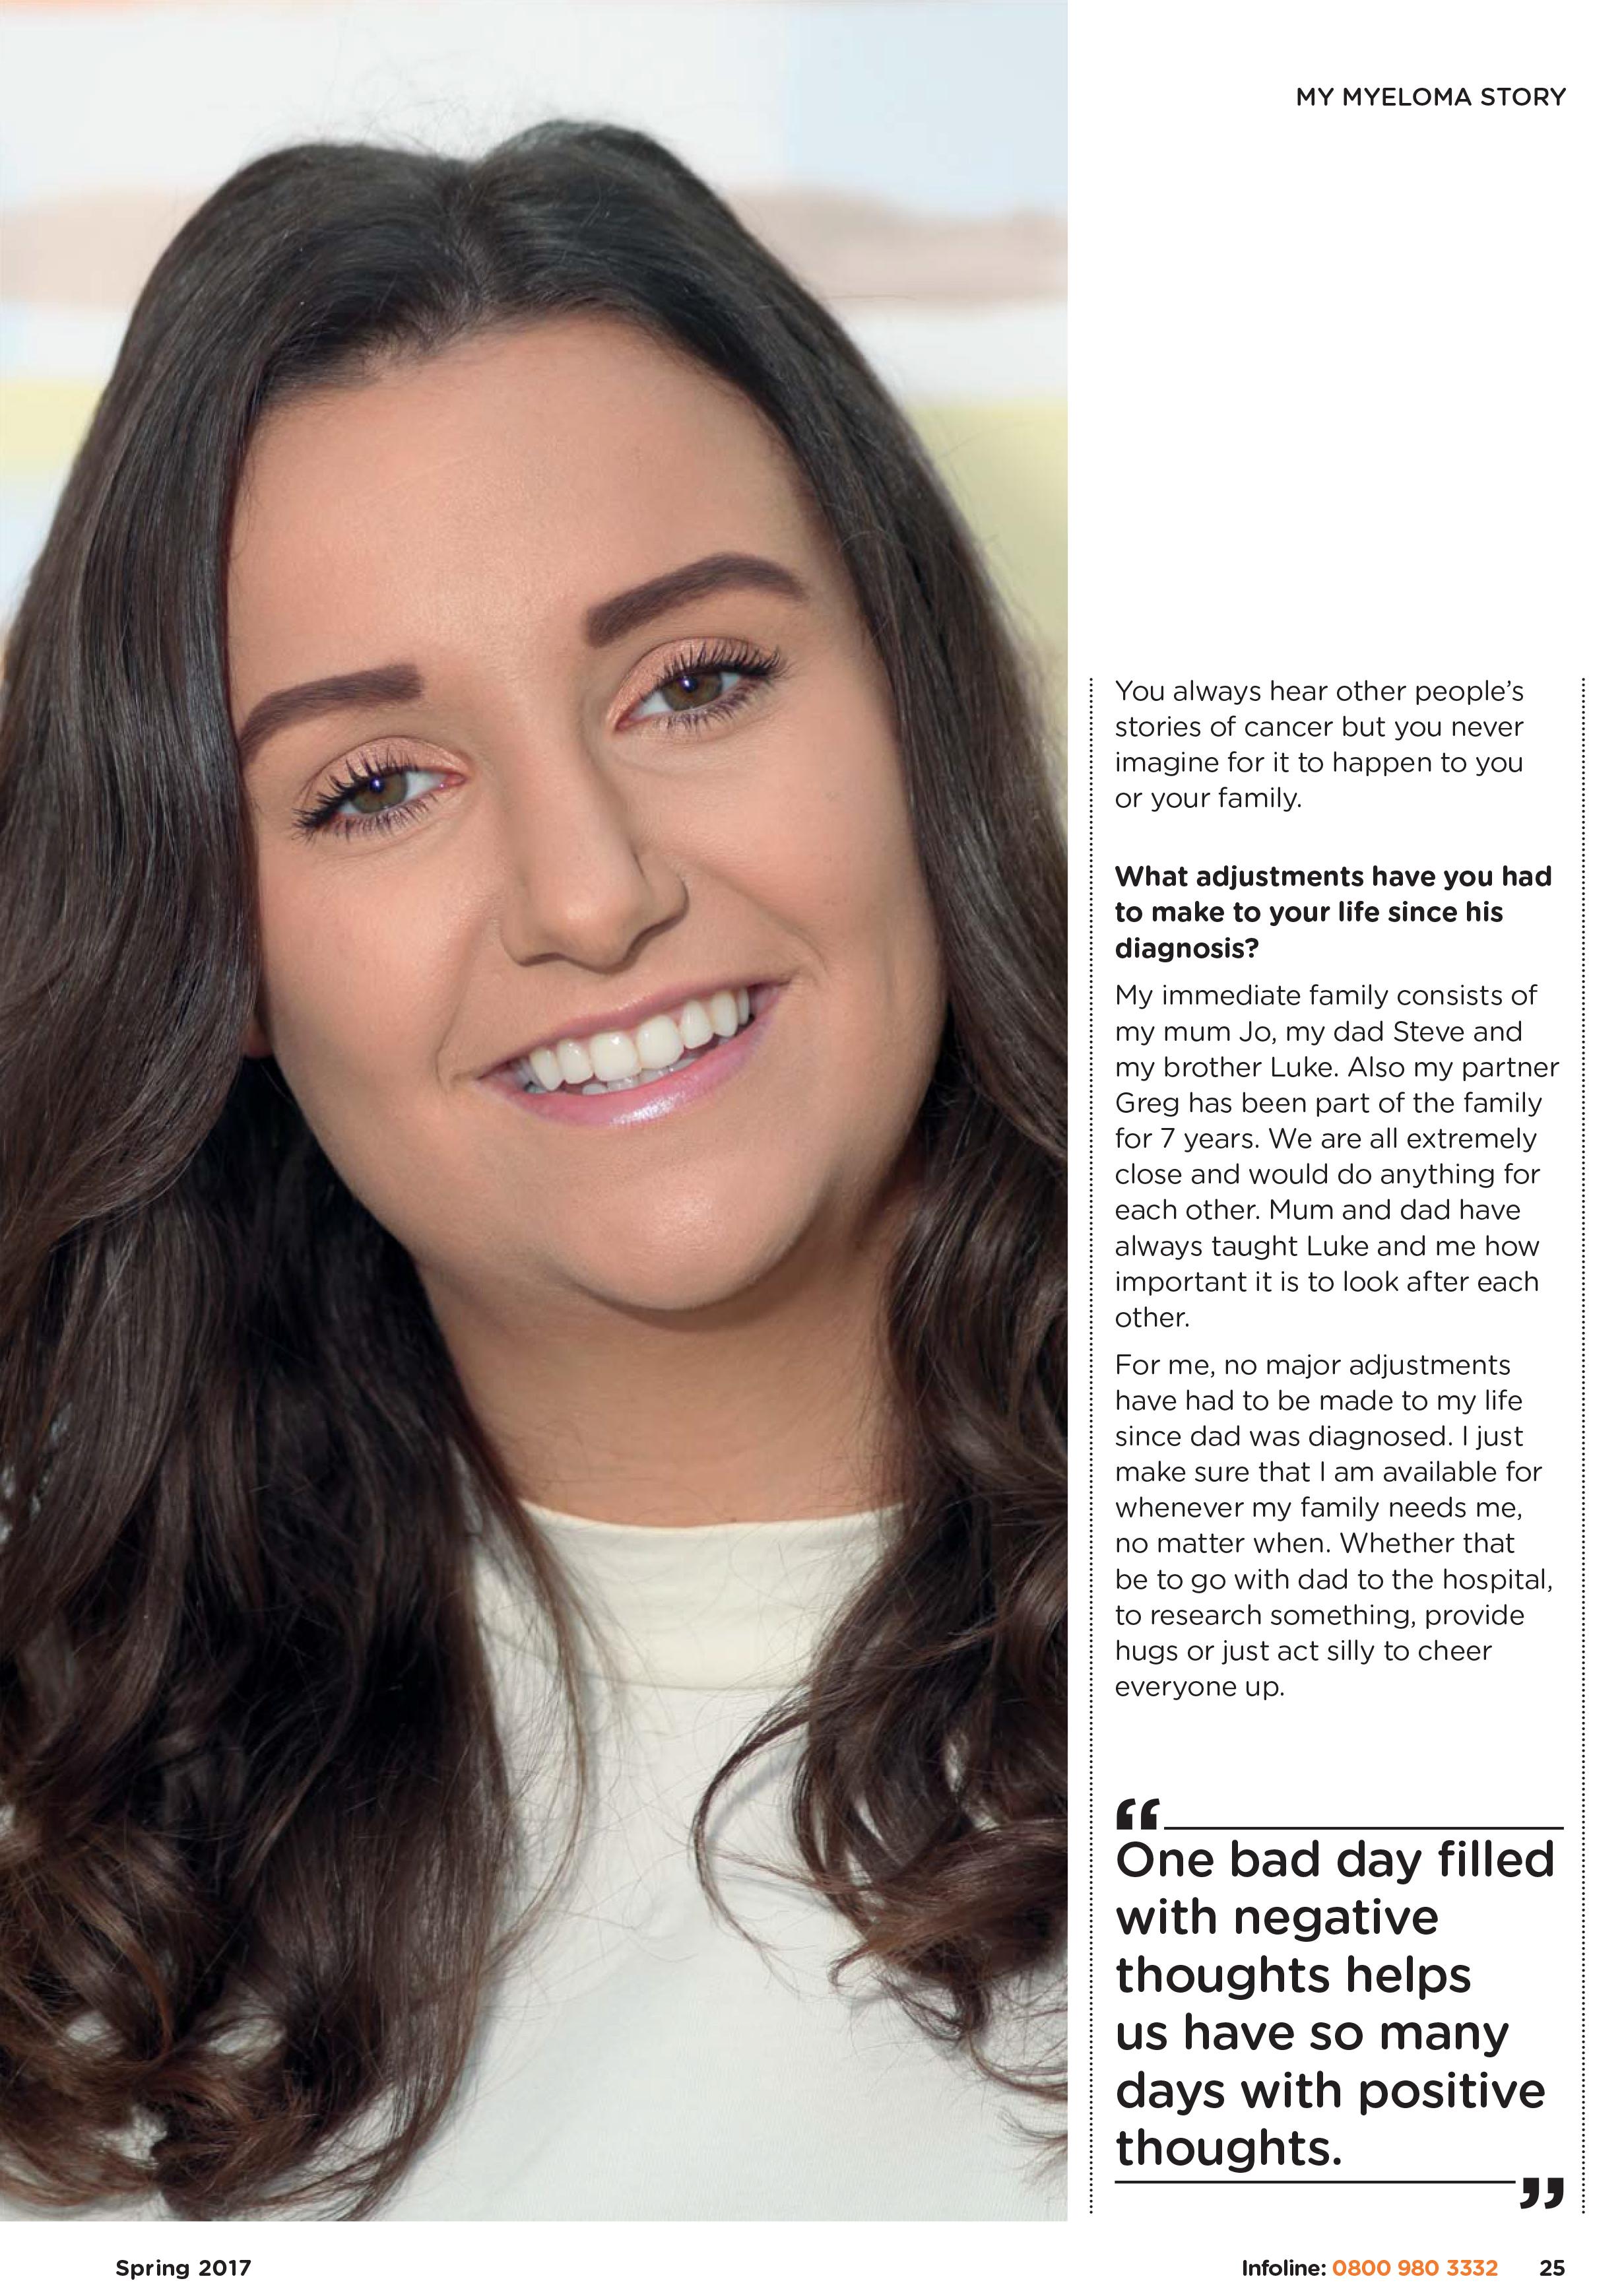 Myeloma Matters Spring 2017 Print (dragged)